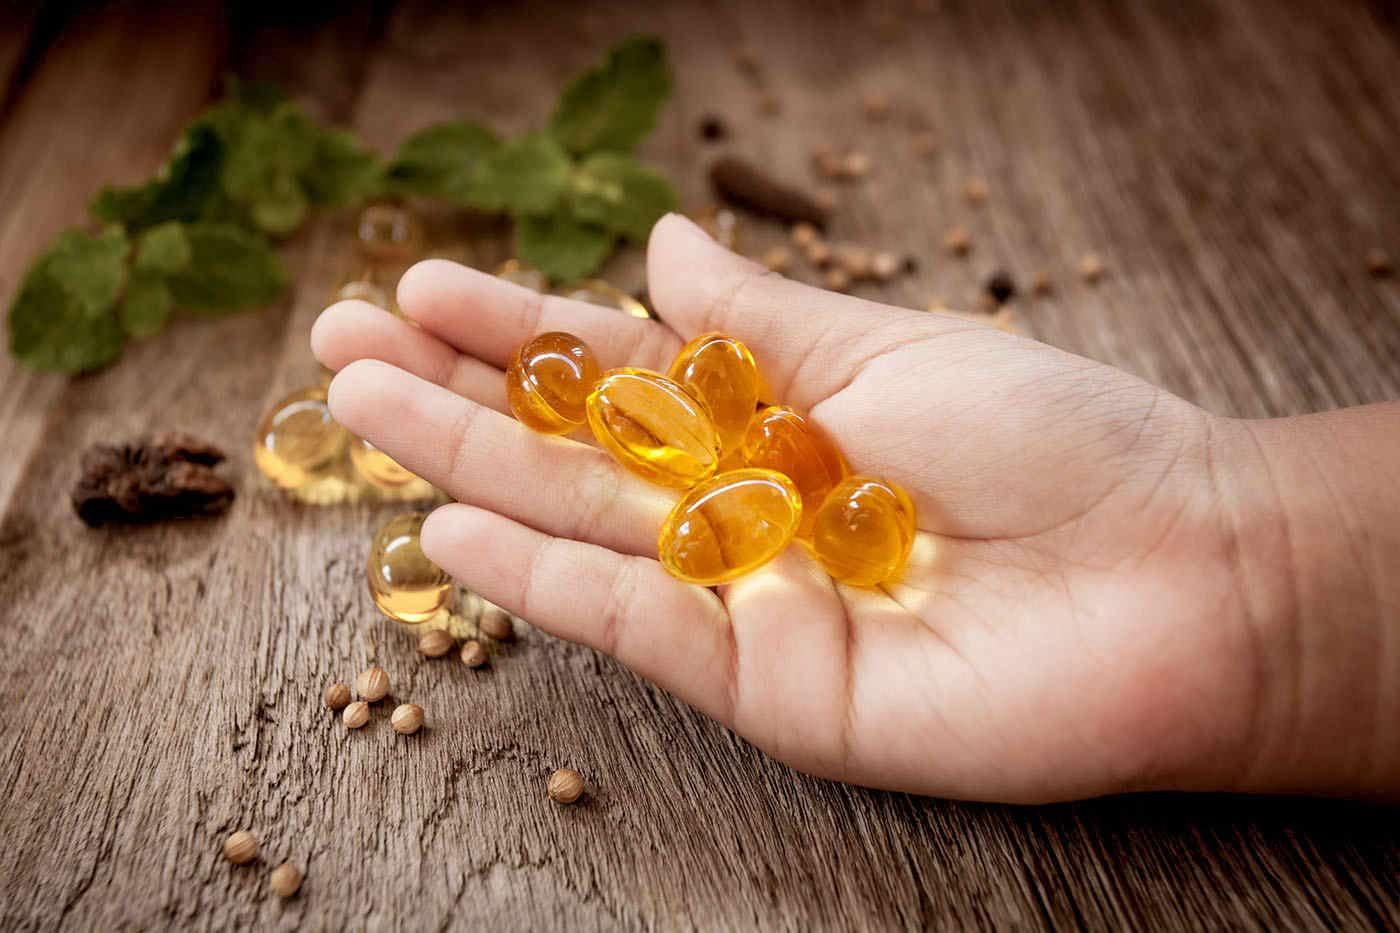 Suplimentele cu Omega 3, utile pentru copiii cu colesterol mărit (studiu)